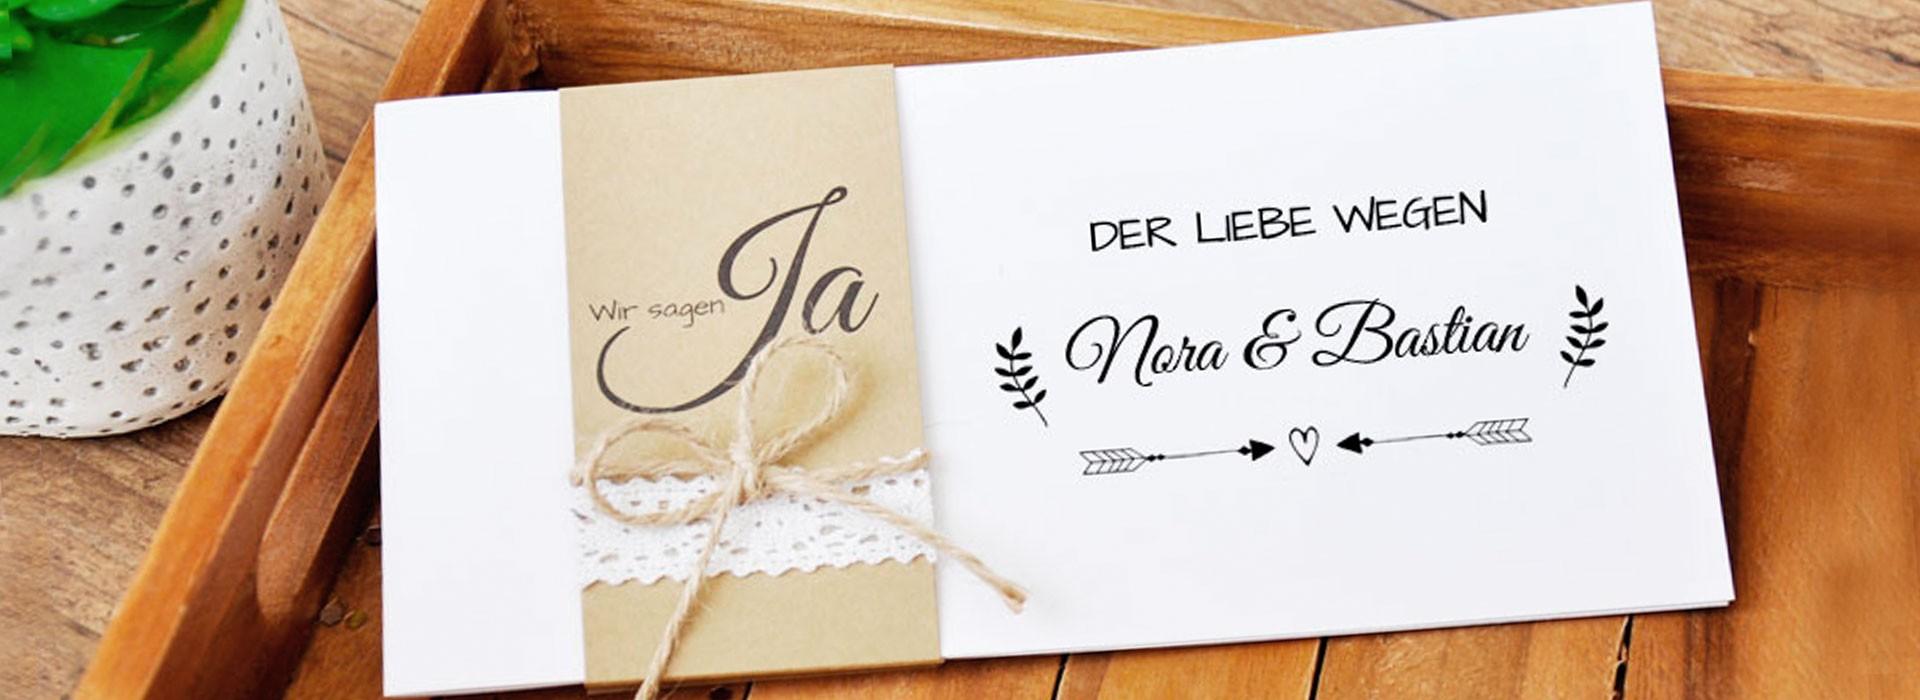 Hochzeitseinladungen mit Kraftpapier Banderole und edler Spitze im Vintage diy Style